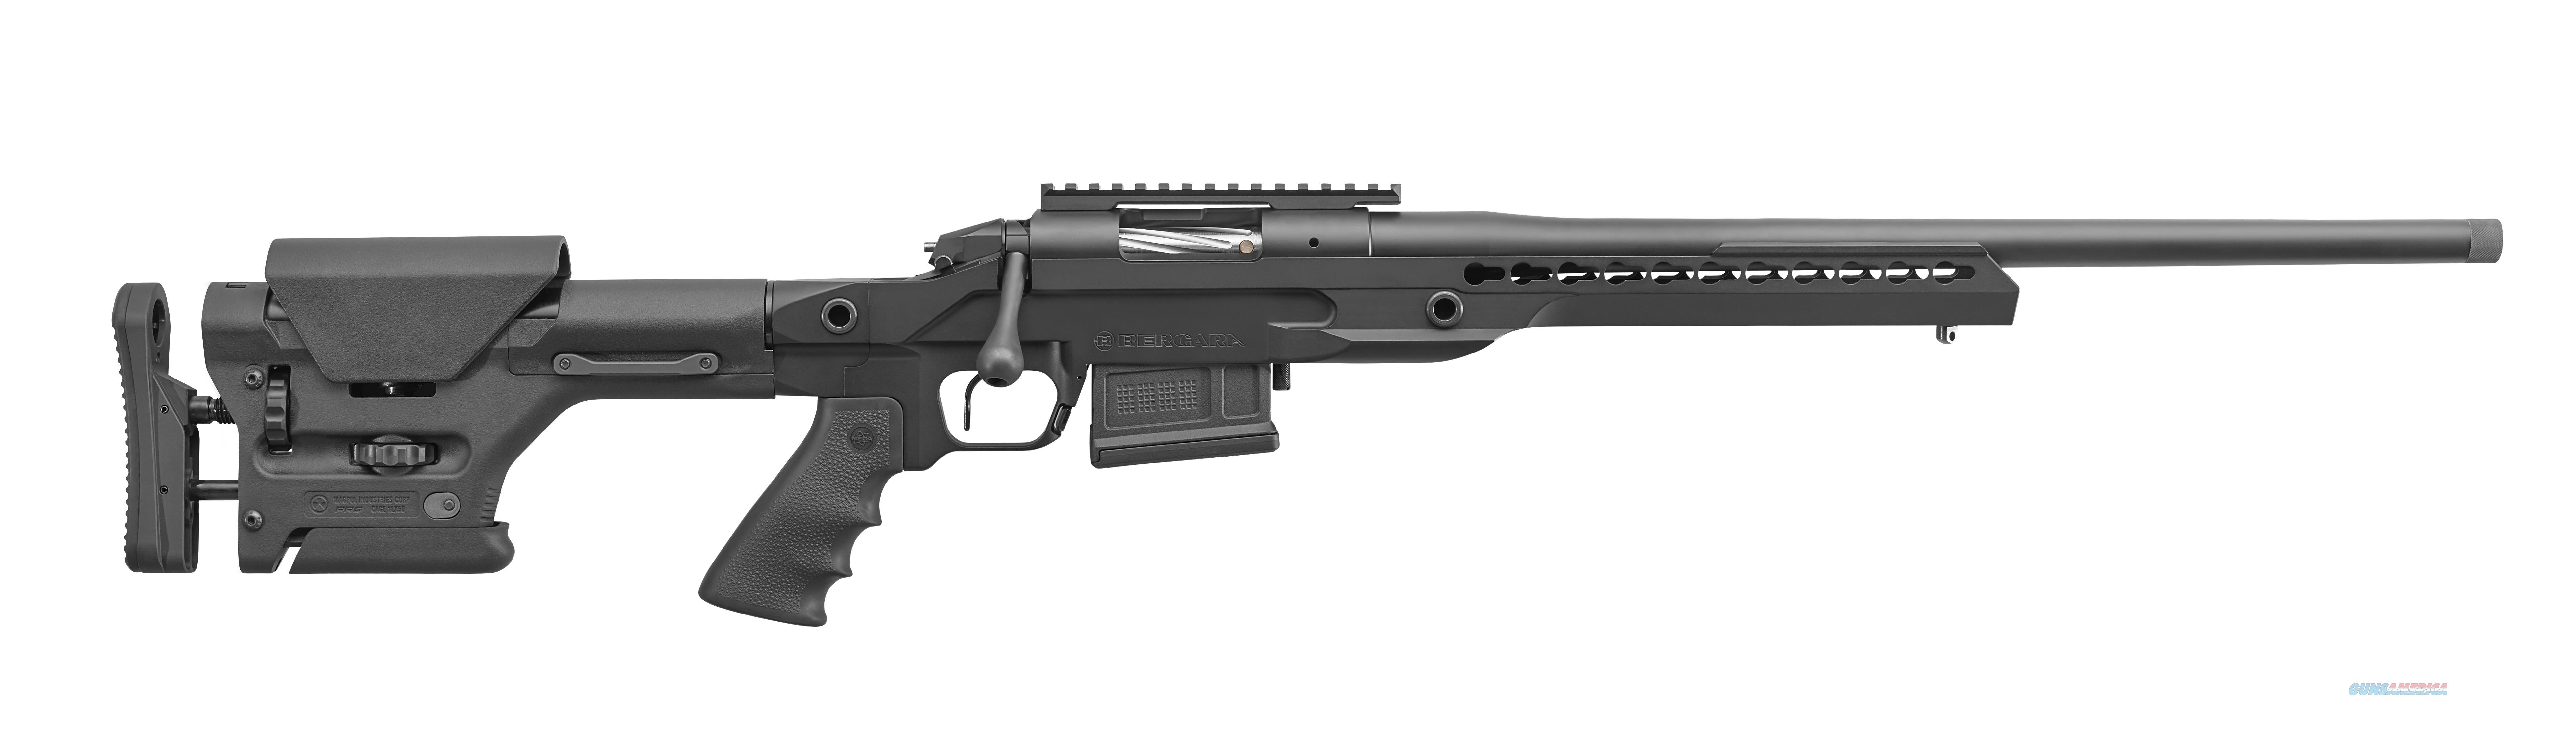 Bergara LRP Elite  308 Free S/H!